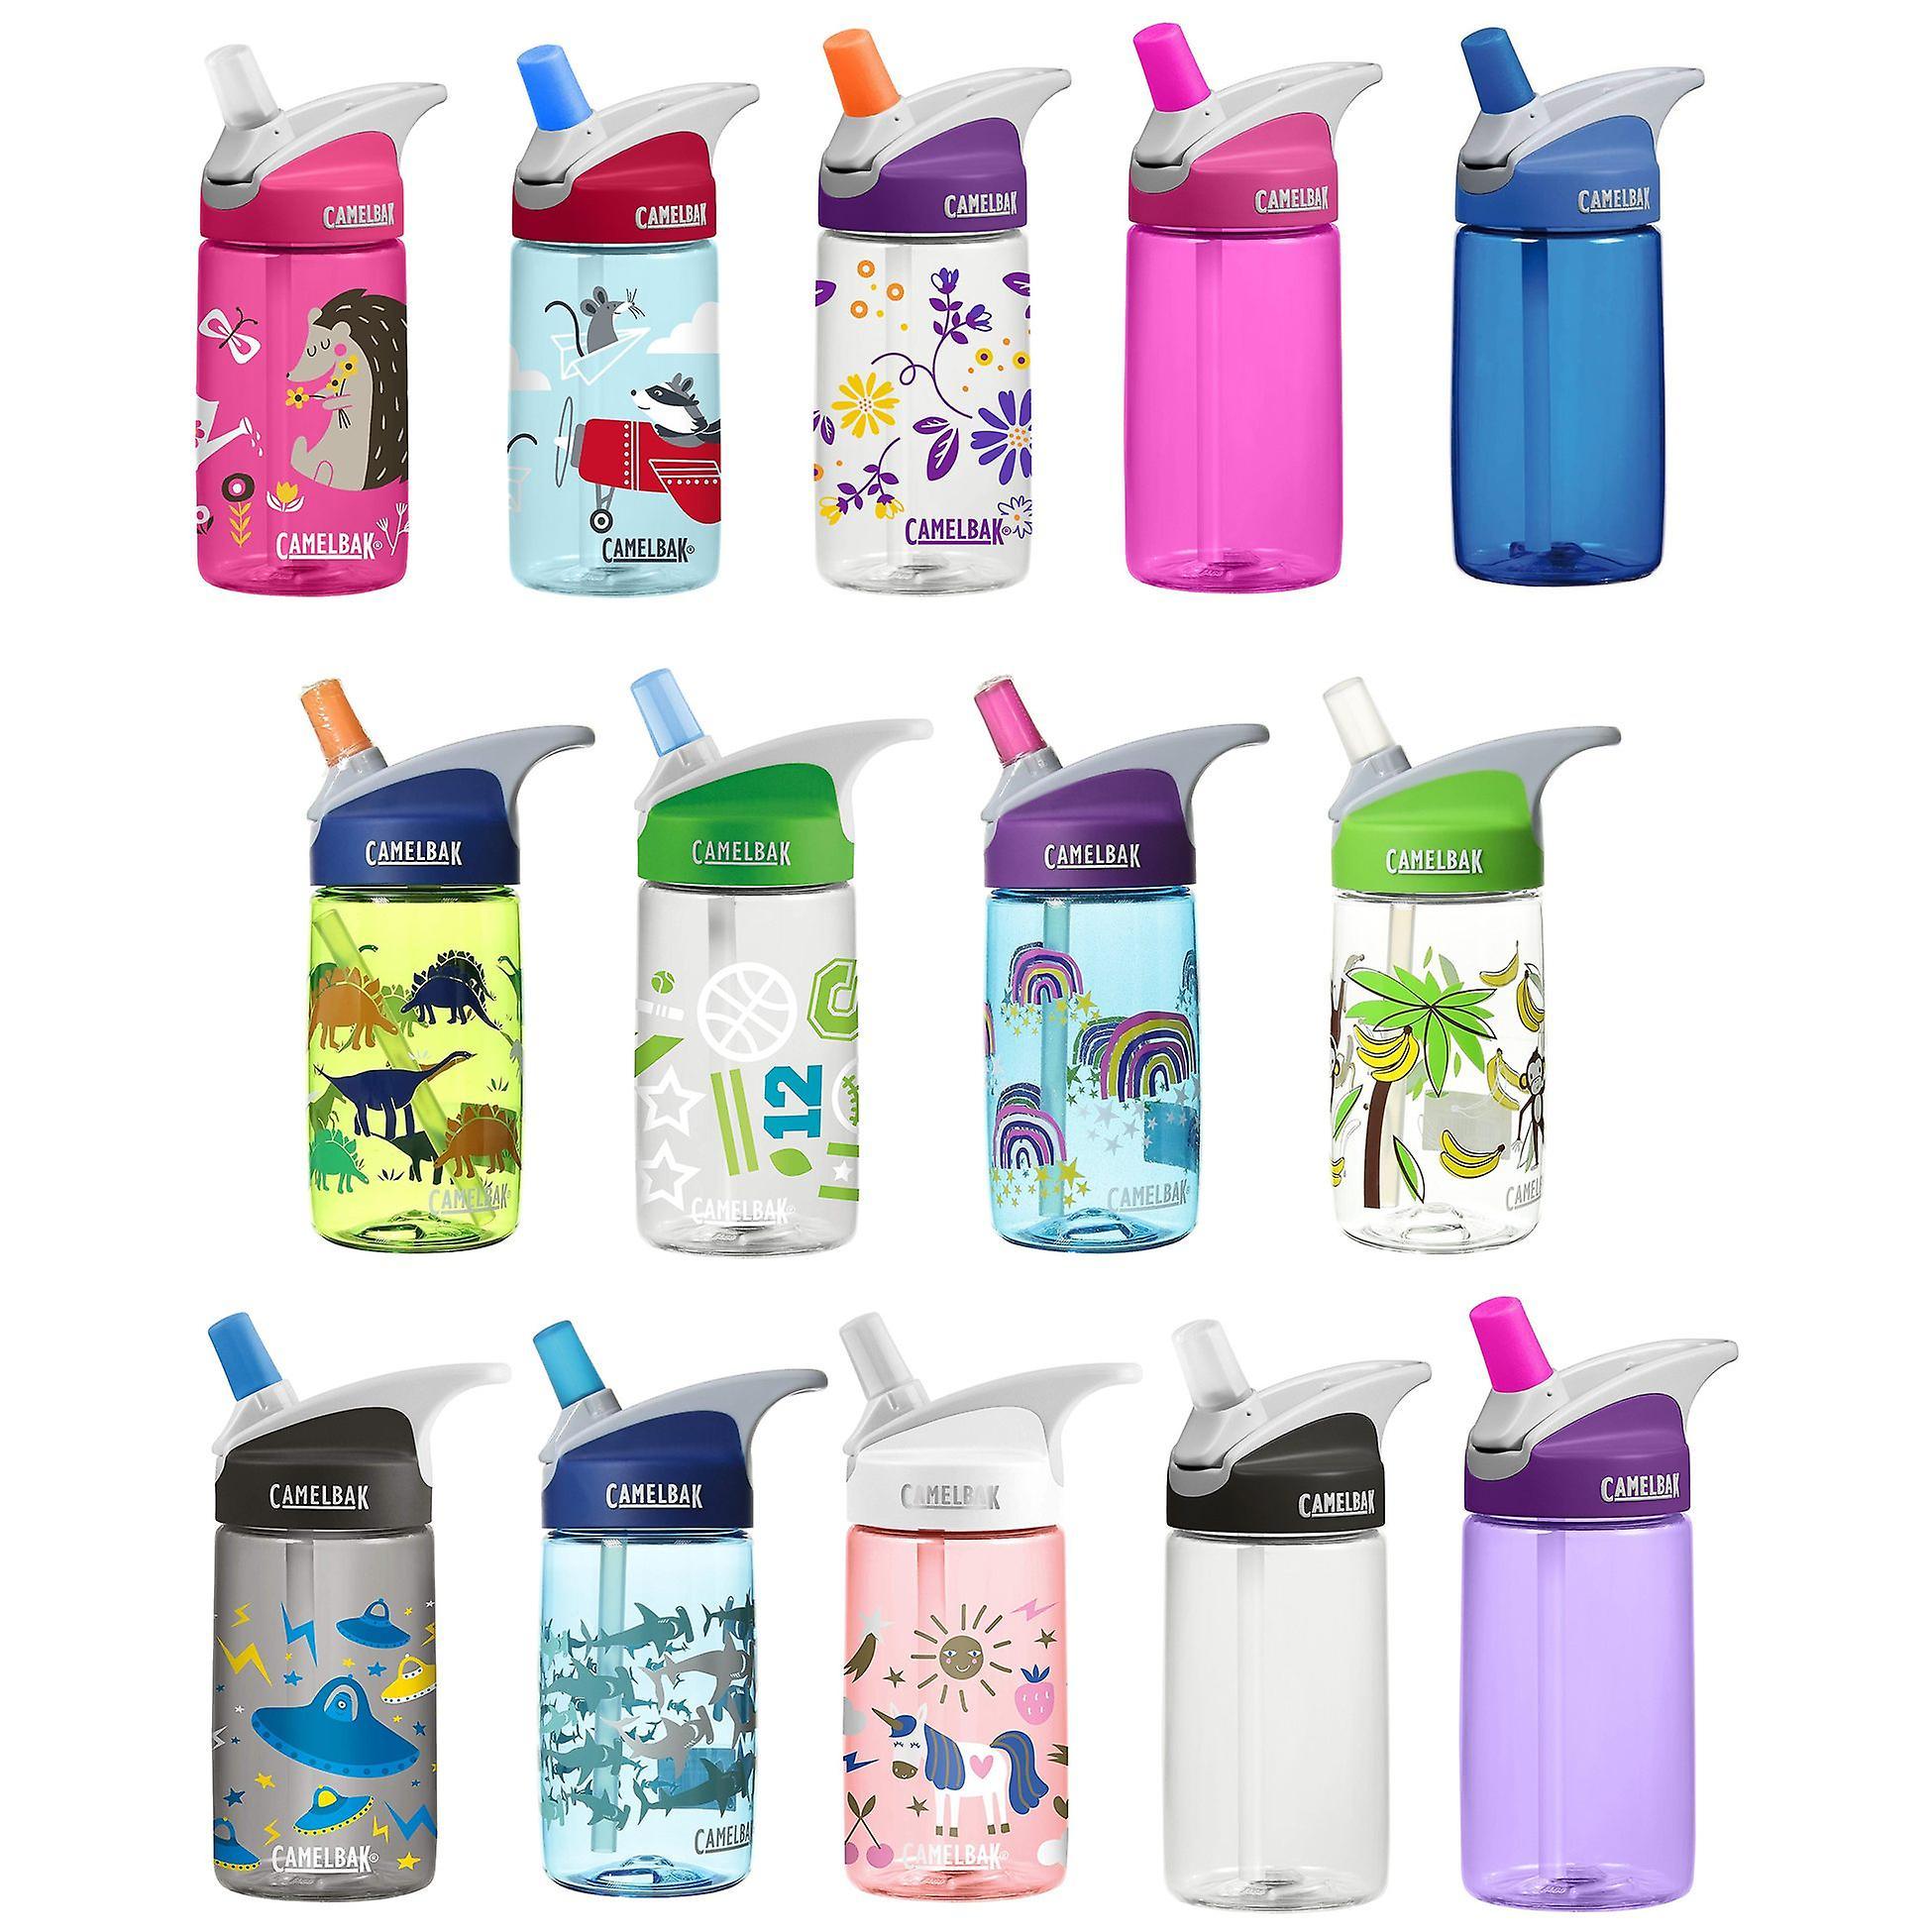 Camelbak أيدي الأطفال 400 مل/12 أوقية انسكاب زجاجة الماء دليل على تصاميم جديدة خالية من منهاج عمل بيجين